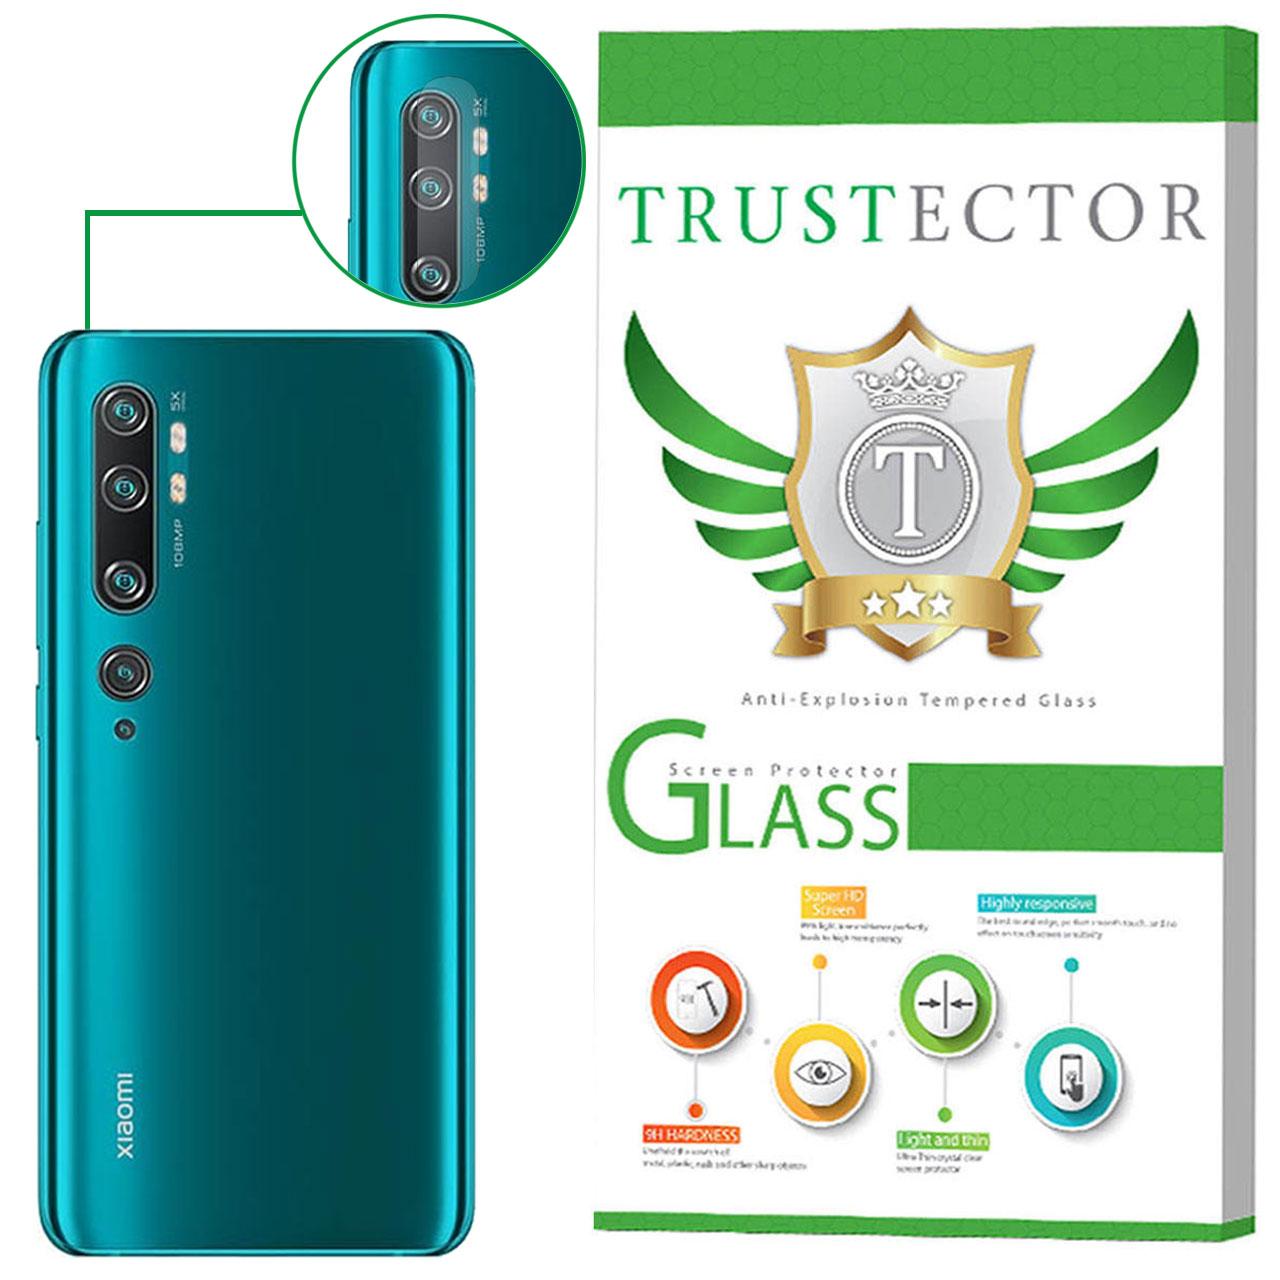 محافظ لنز دوربین تراستکتور مدل CLP مناسب برای گوشی موبایل شیائومی Mi Note 10 Pro